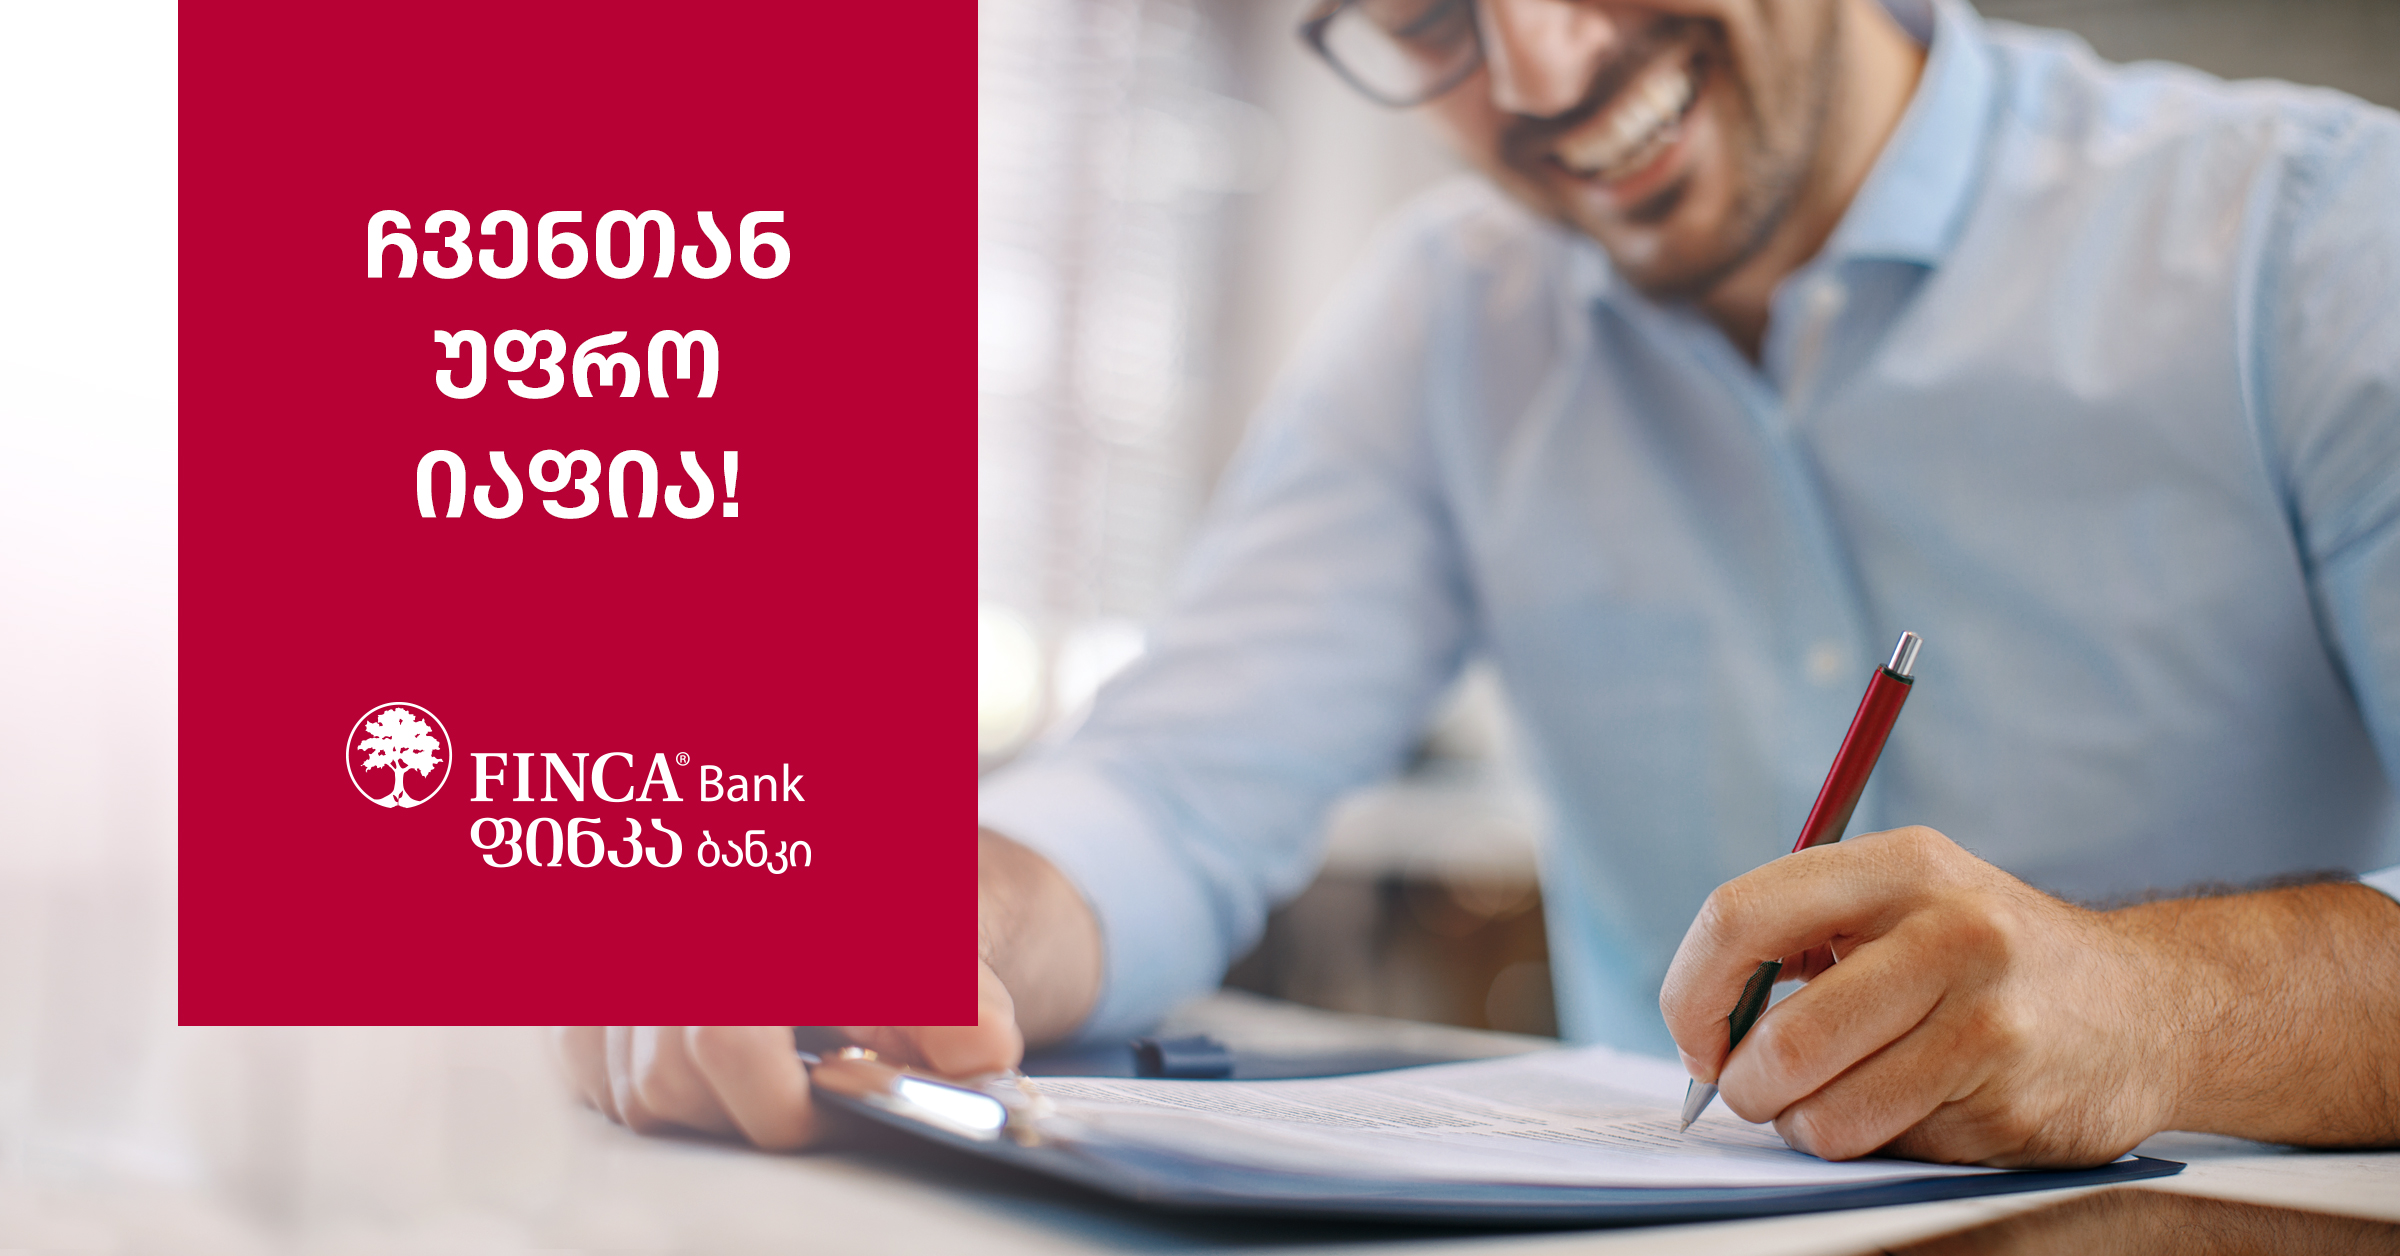 """ფინკა ბანკში სესხების პორტირების აქცია - """"ჩვენთან უფრო იაფია"""